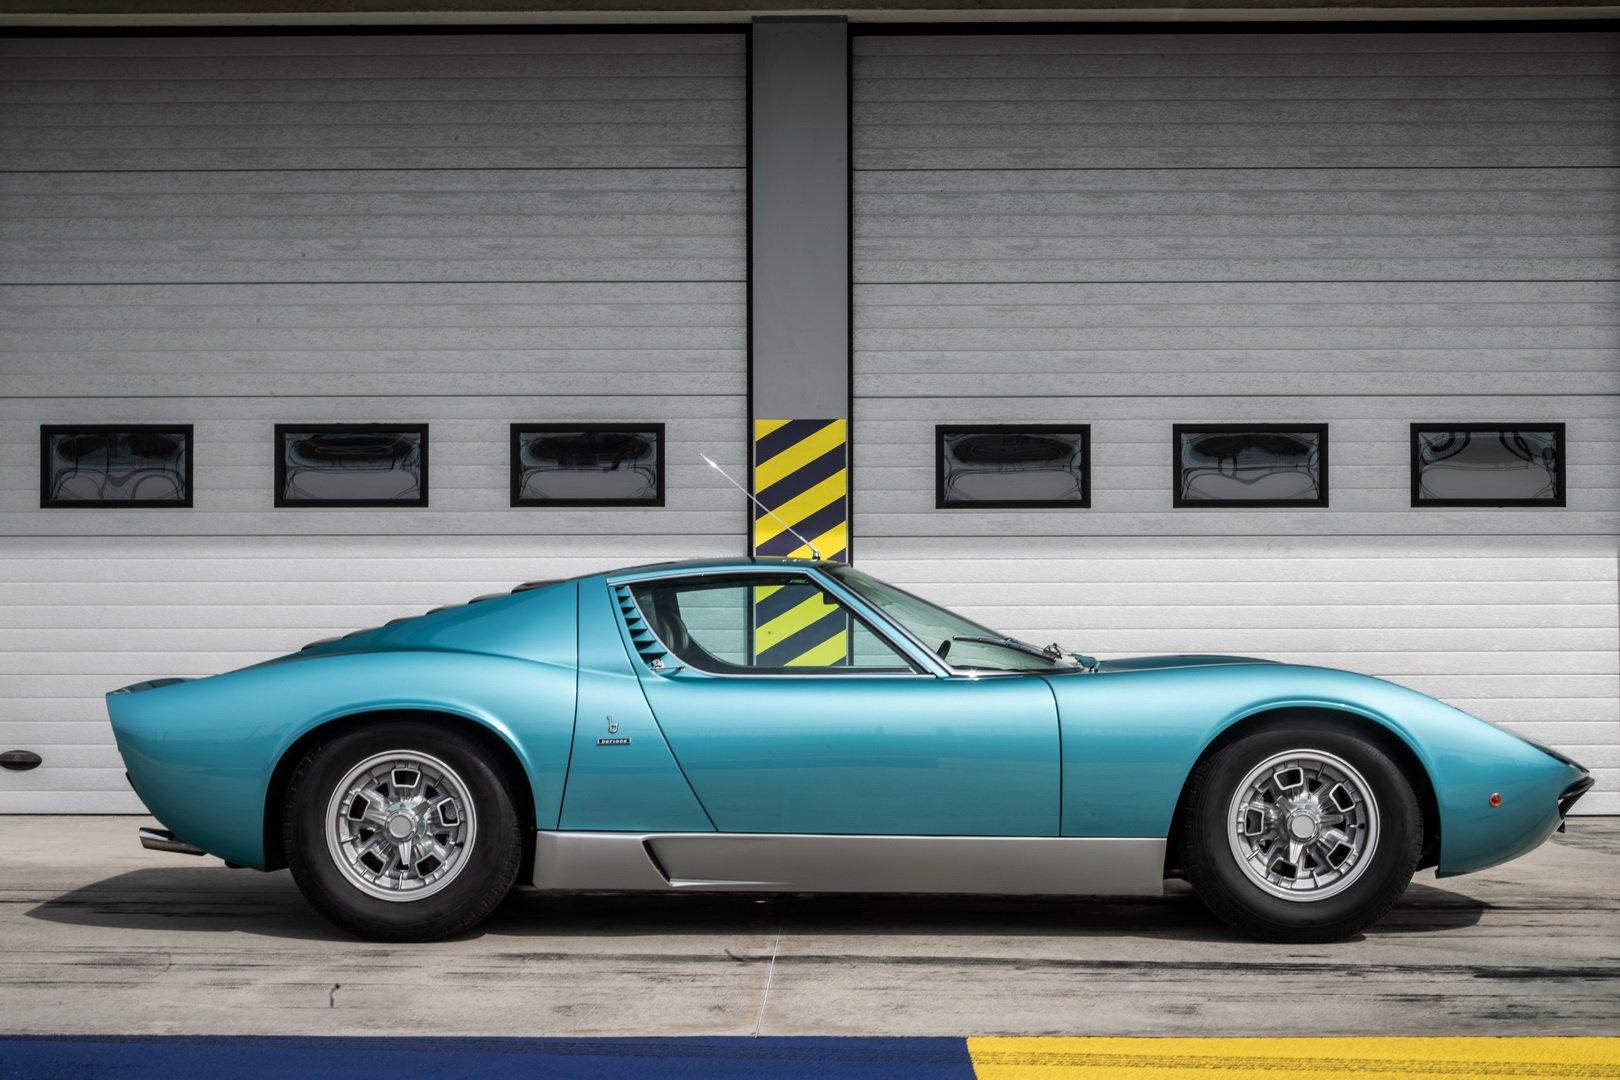 Lamborghini-Miura-P400-S-Azzurro-Mexico-8